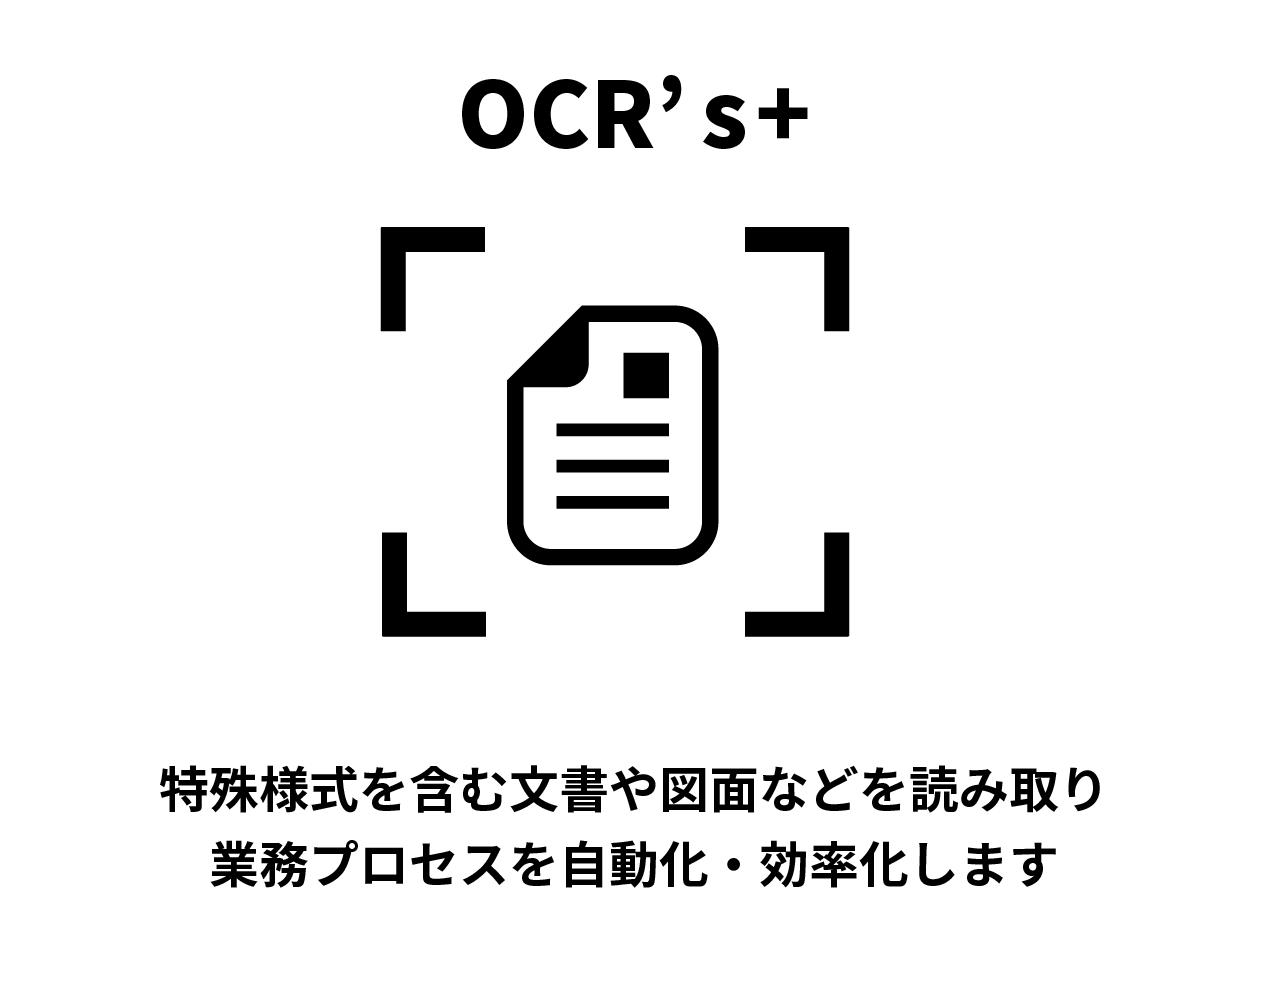 OCR's+